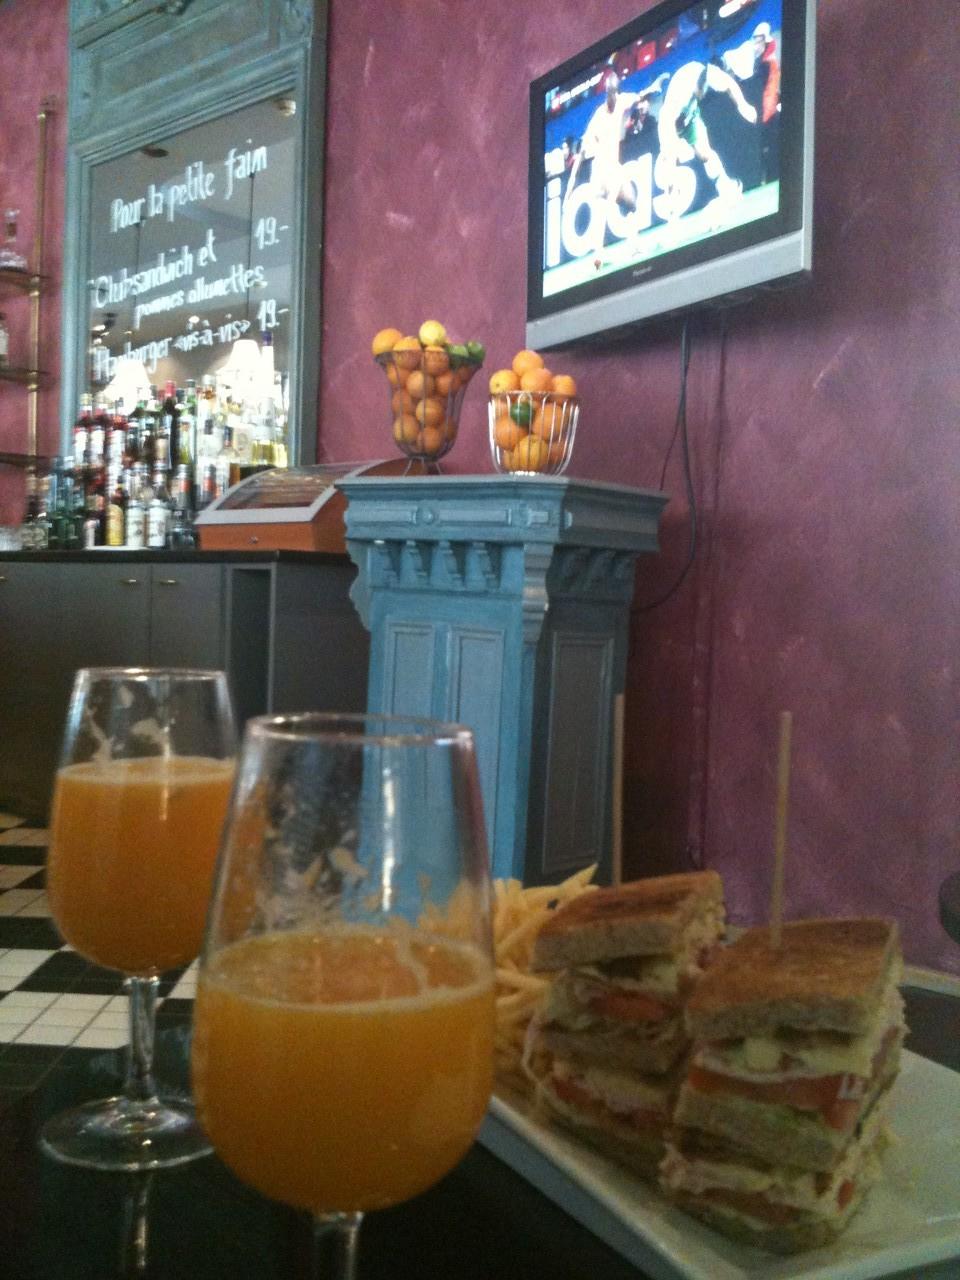 Club Sandwich@Vis-à-vis - Zürich, Switzerland